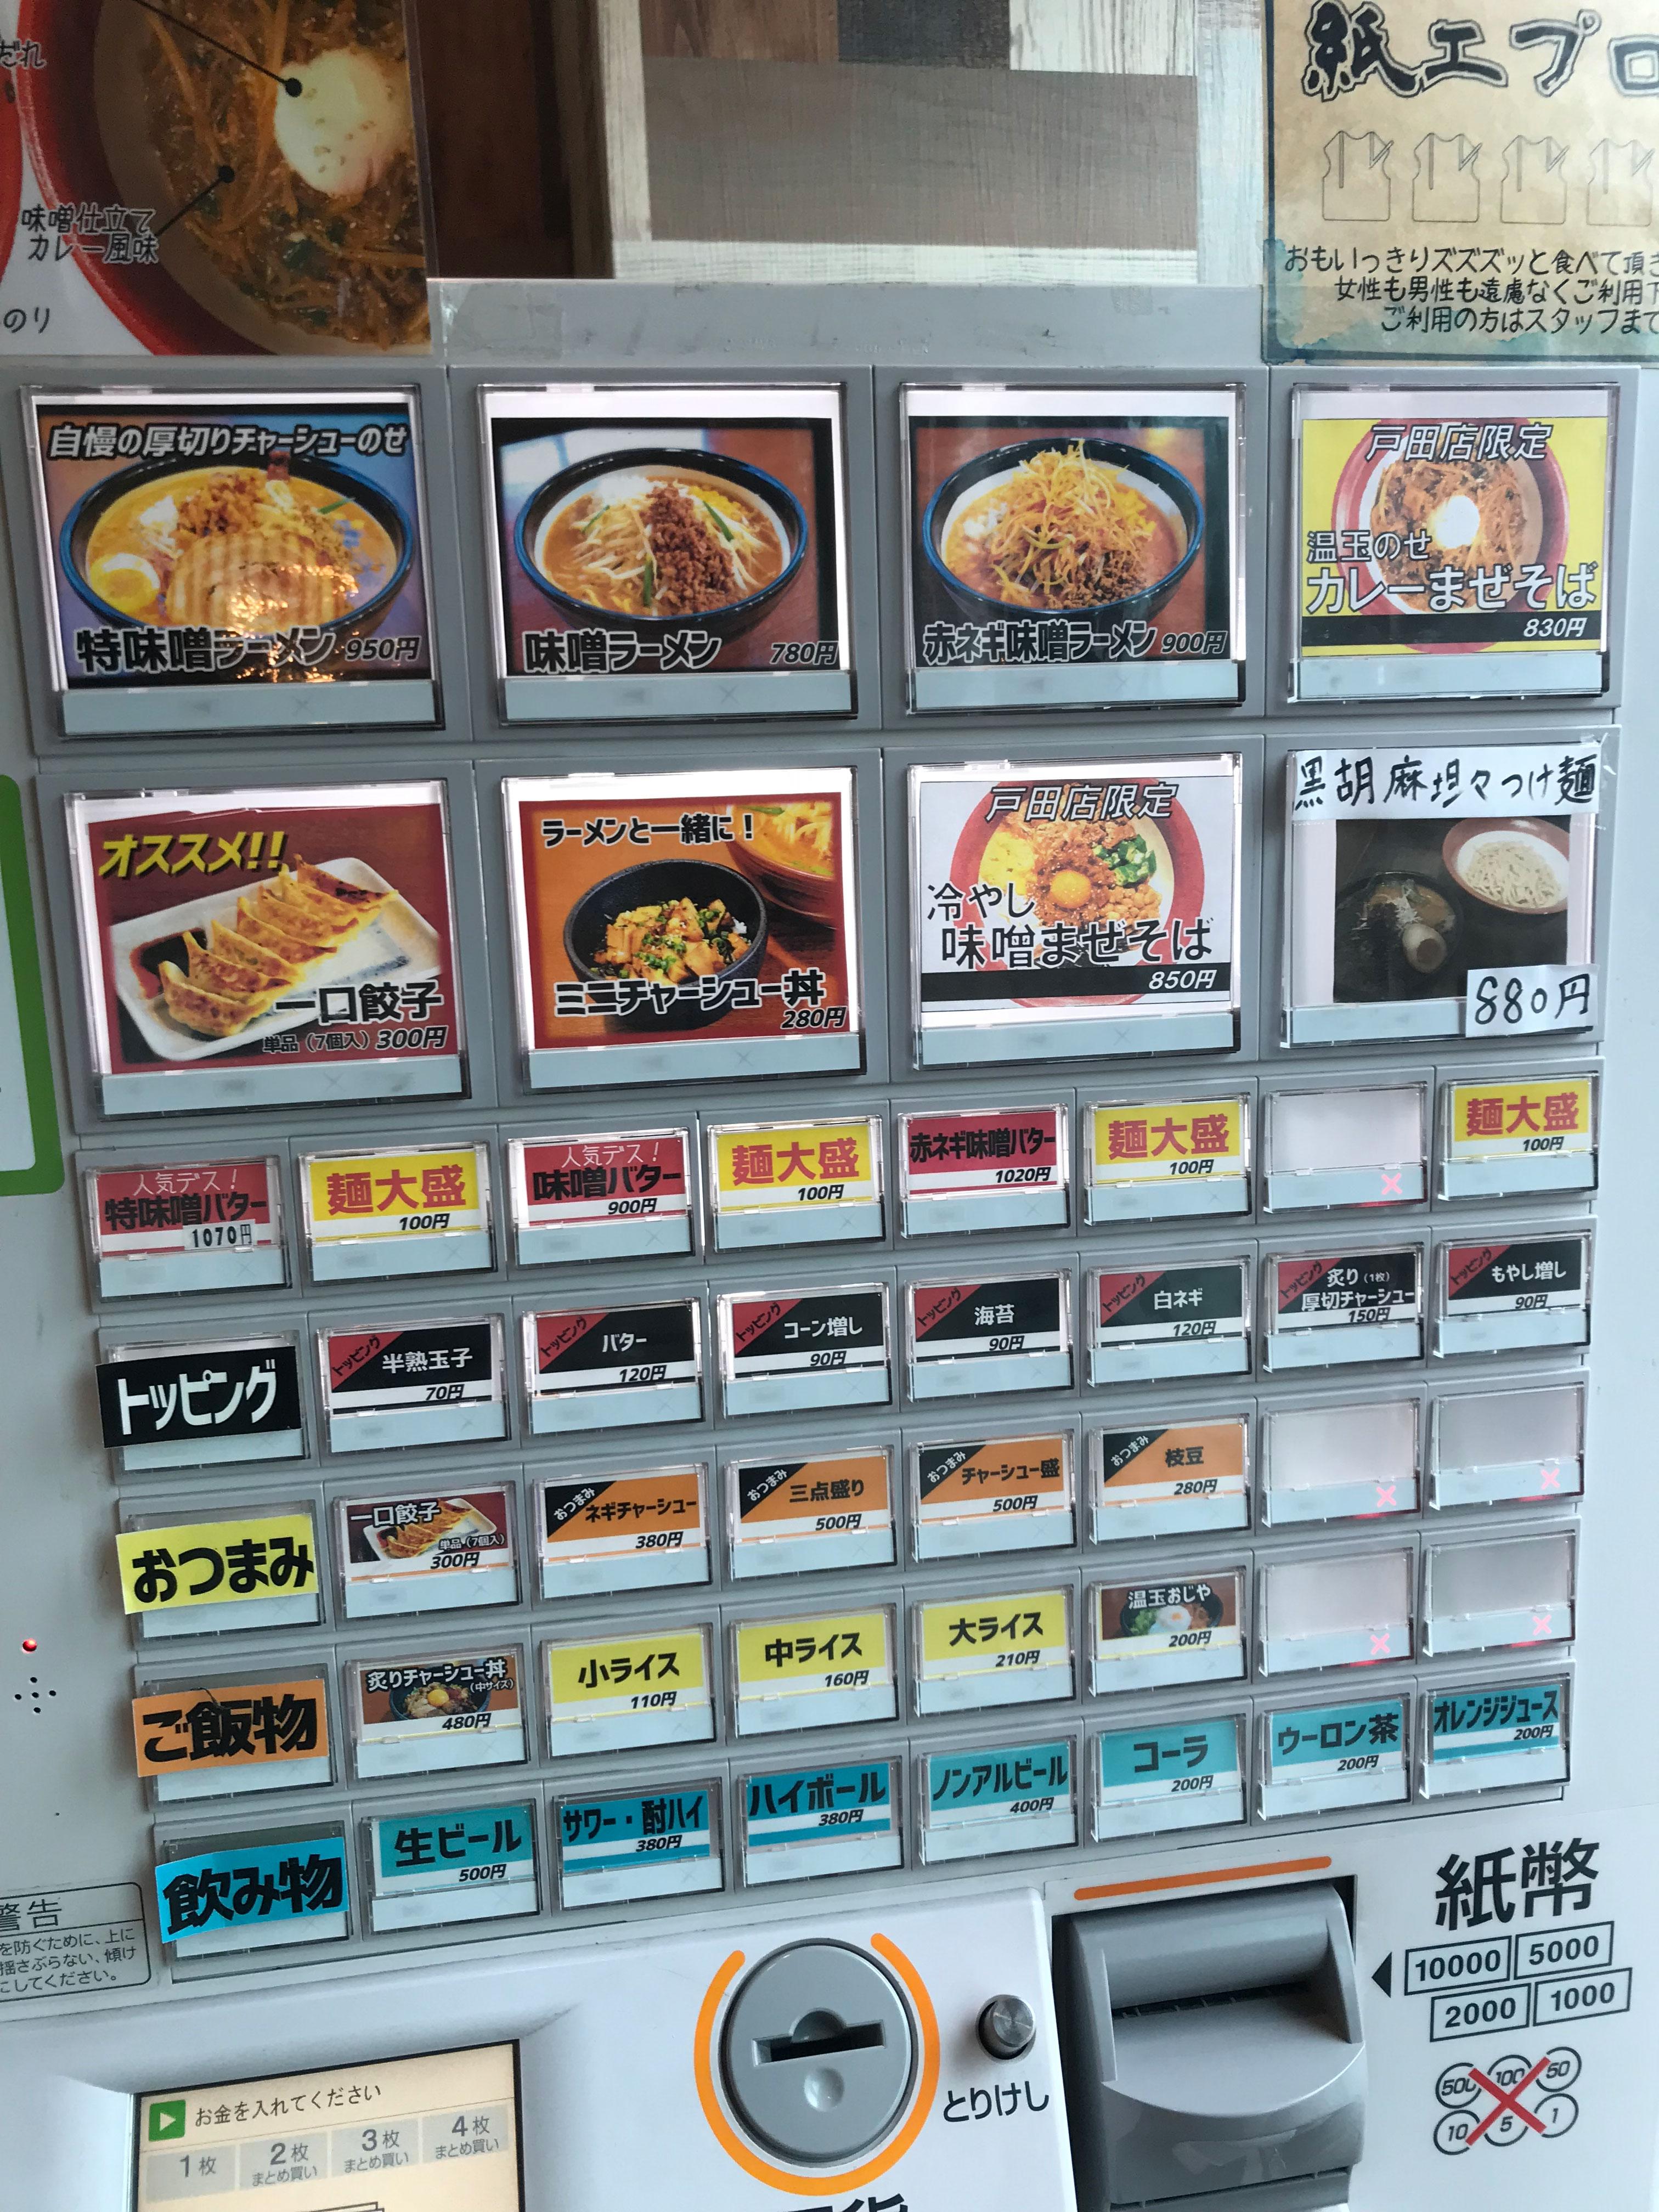 戸田ビーンズのラーメン屋「日月堂」の券売機